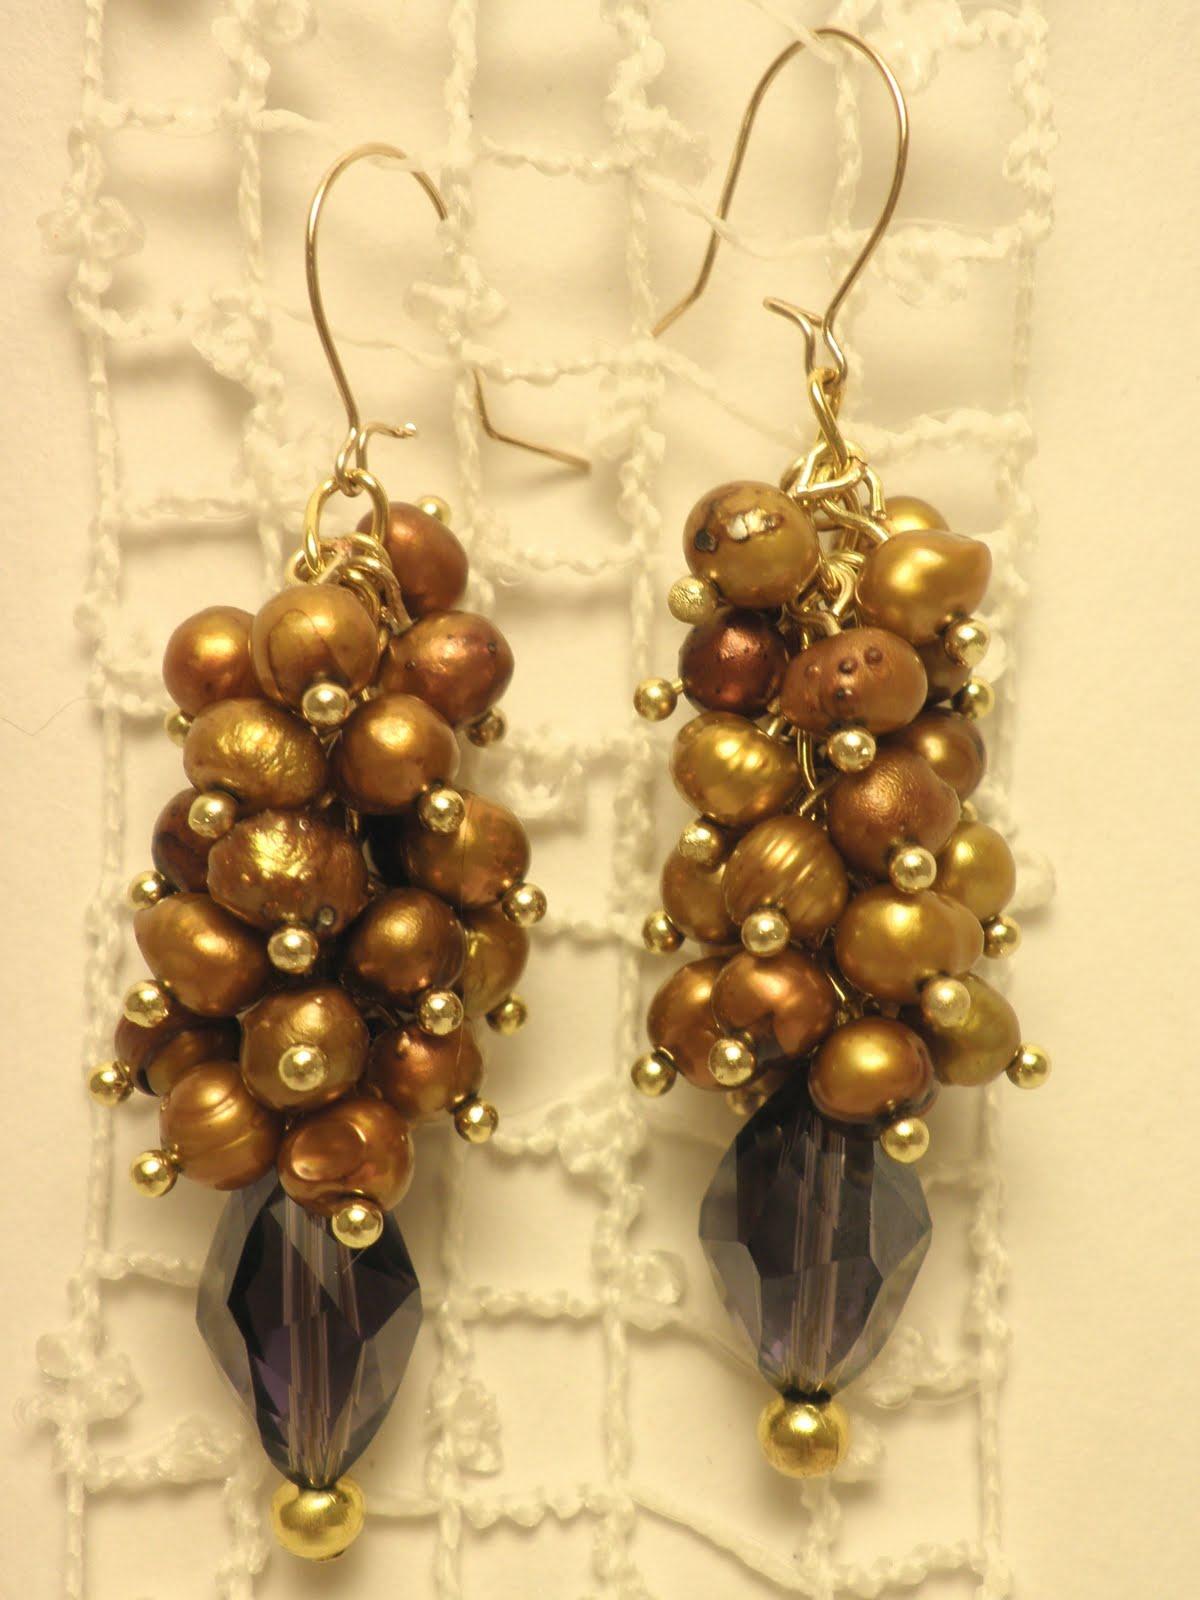 18d70b6eafa Kuldsete mageveepärlite ja lillade kristallidega kõrvarõngad - kasutatud on  kuldseid mageveepärle (4-5mm) kokku 40 tk ja piklikke lihvitud  kristallhelmeid.